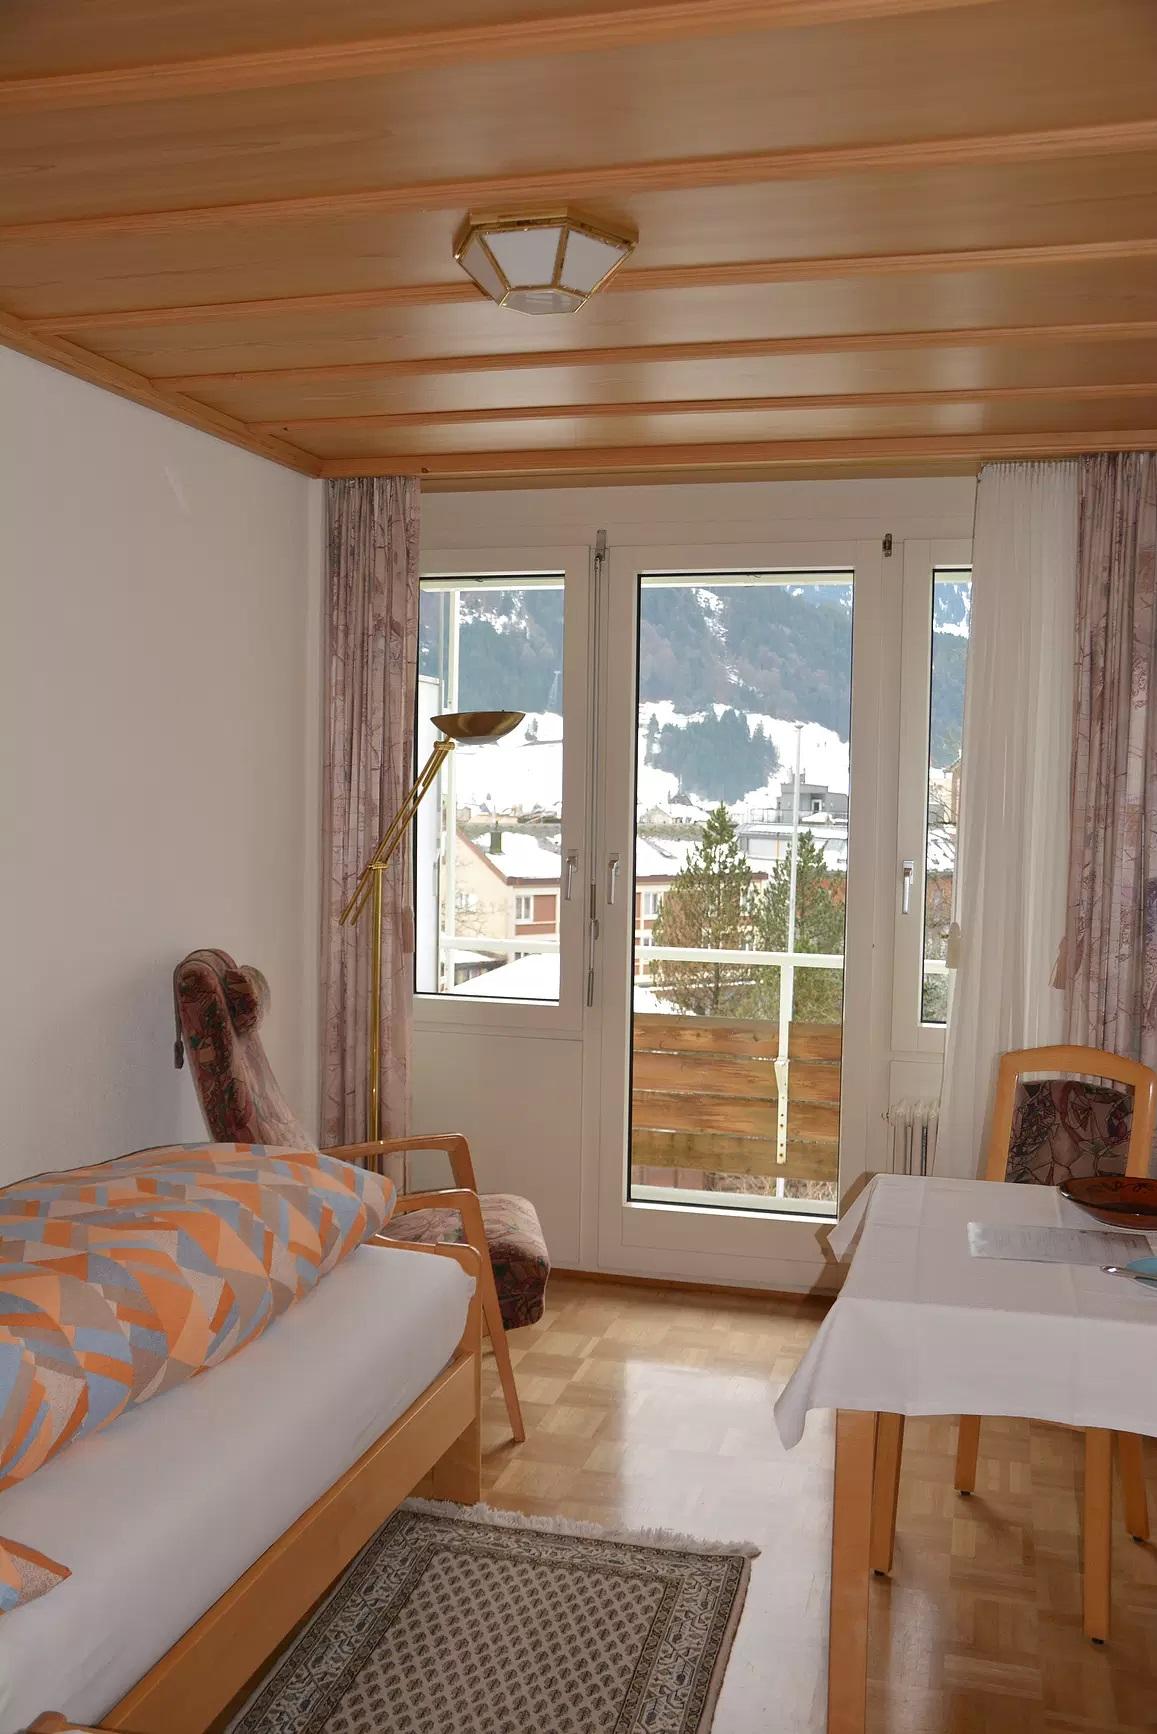 Zimmer mit Bett, Tisch und Aussicht aus dem Fenster